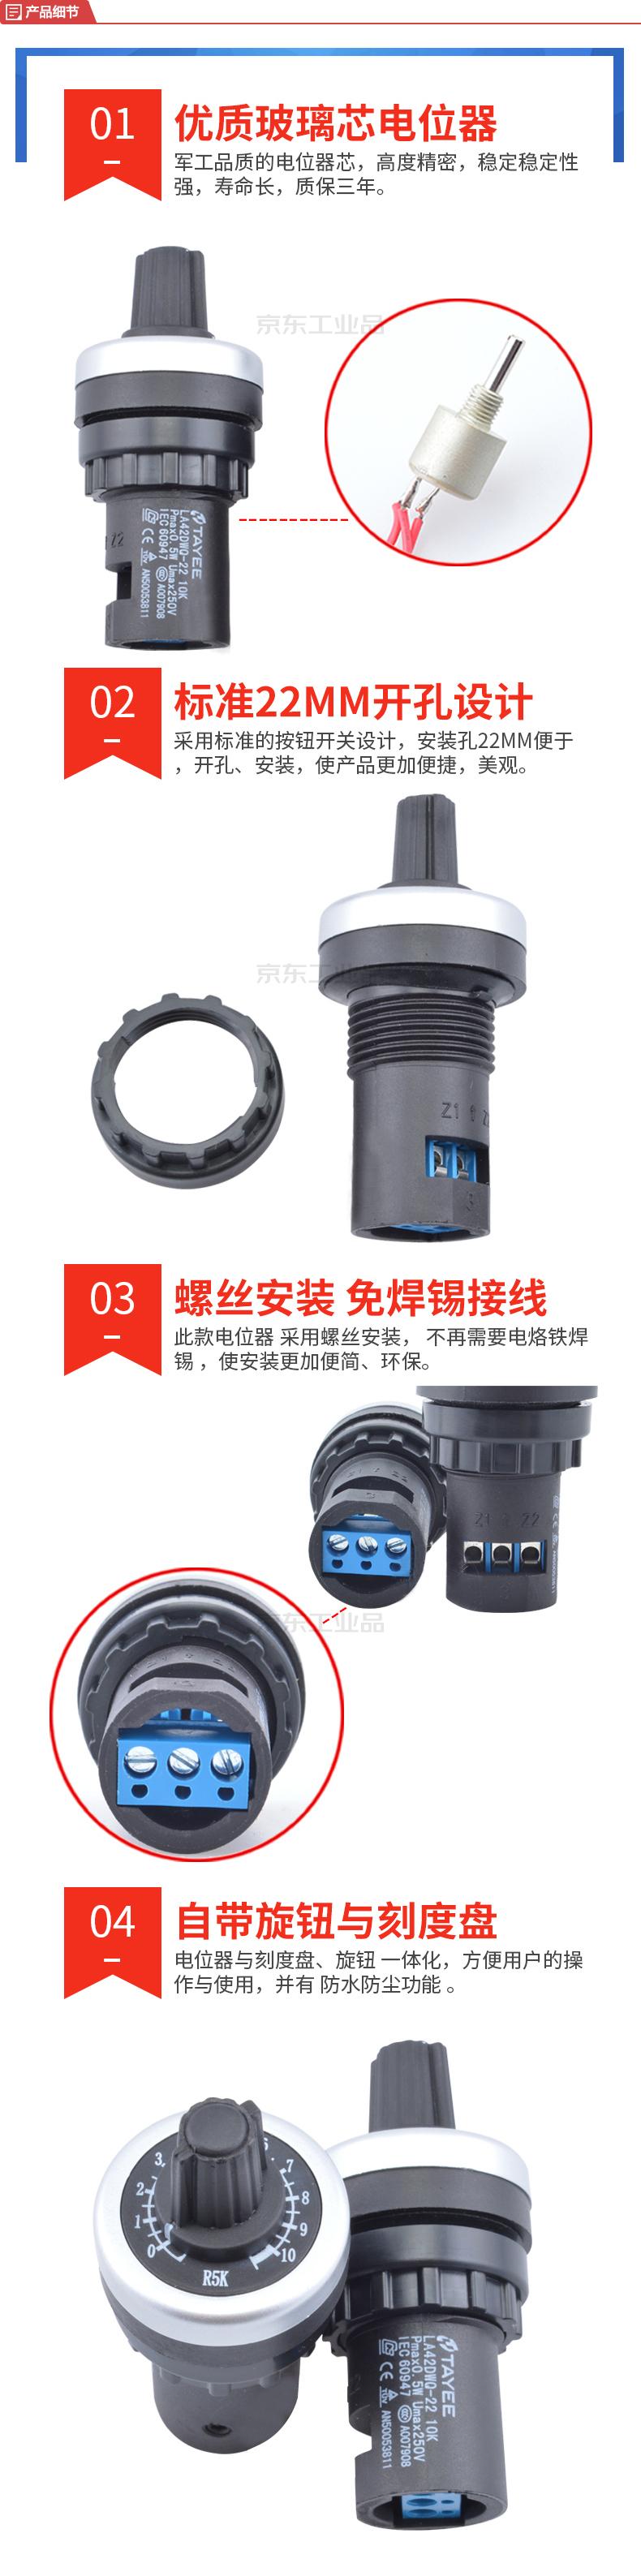 上海天逸电器 电位器;LA42DWQ/10K